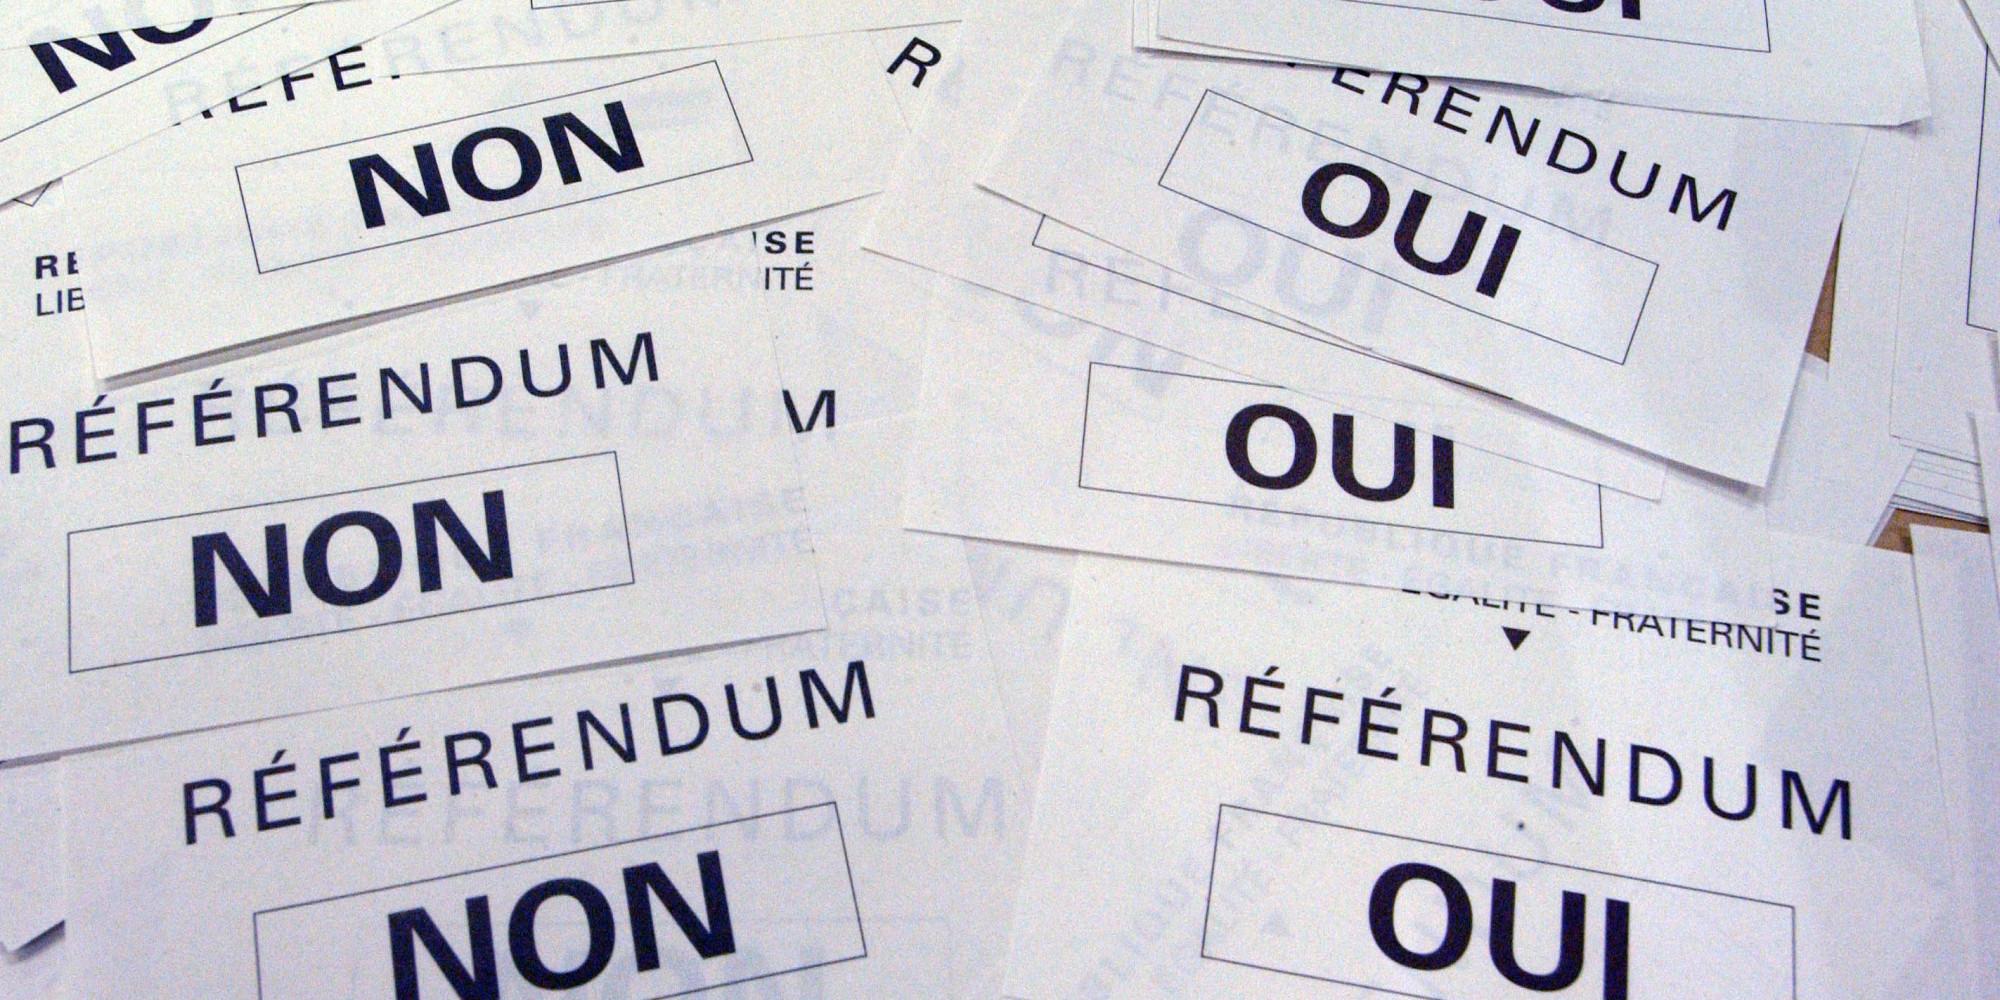 Les 3,2 milliards du budget du référendum disponibles